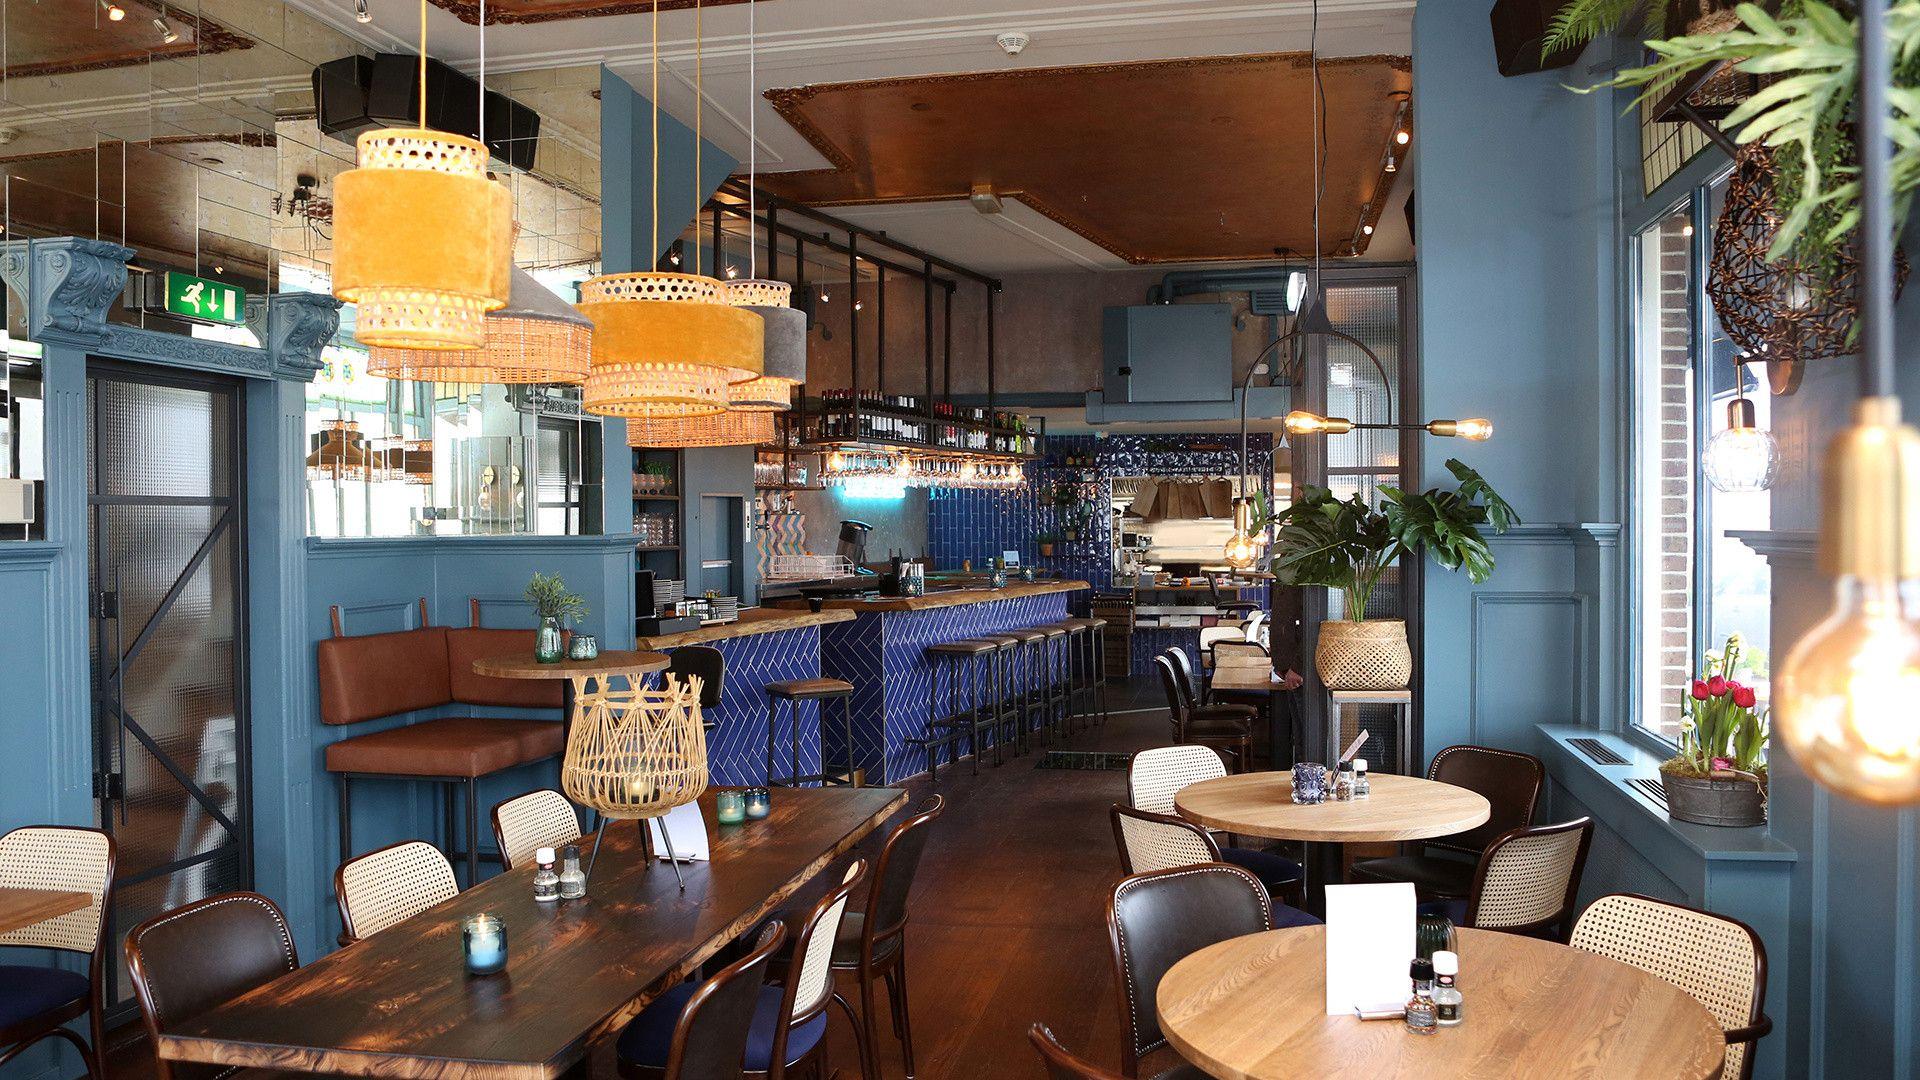 Eten en drinken in de gezellige haven van Hoorn